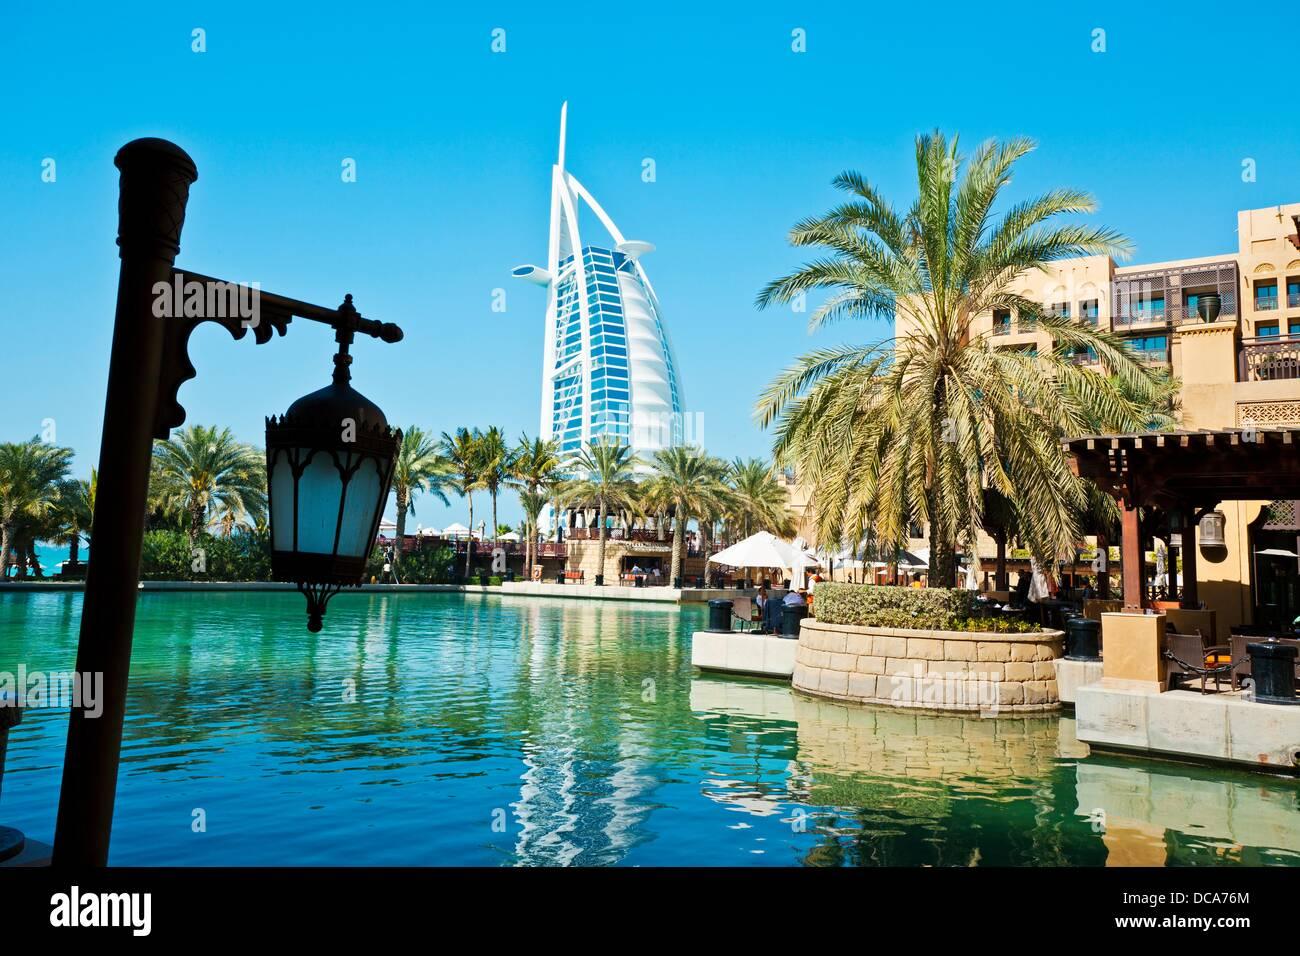 Mina A Salam Madinat Jumeirah Hotel, On The Background